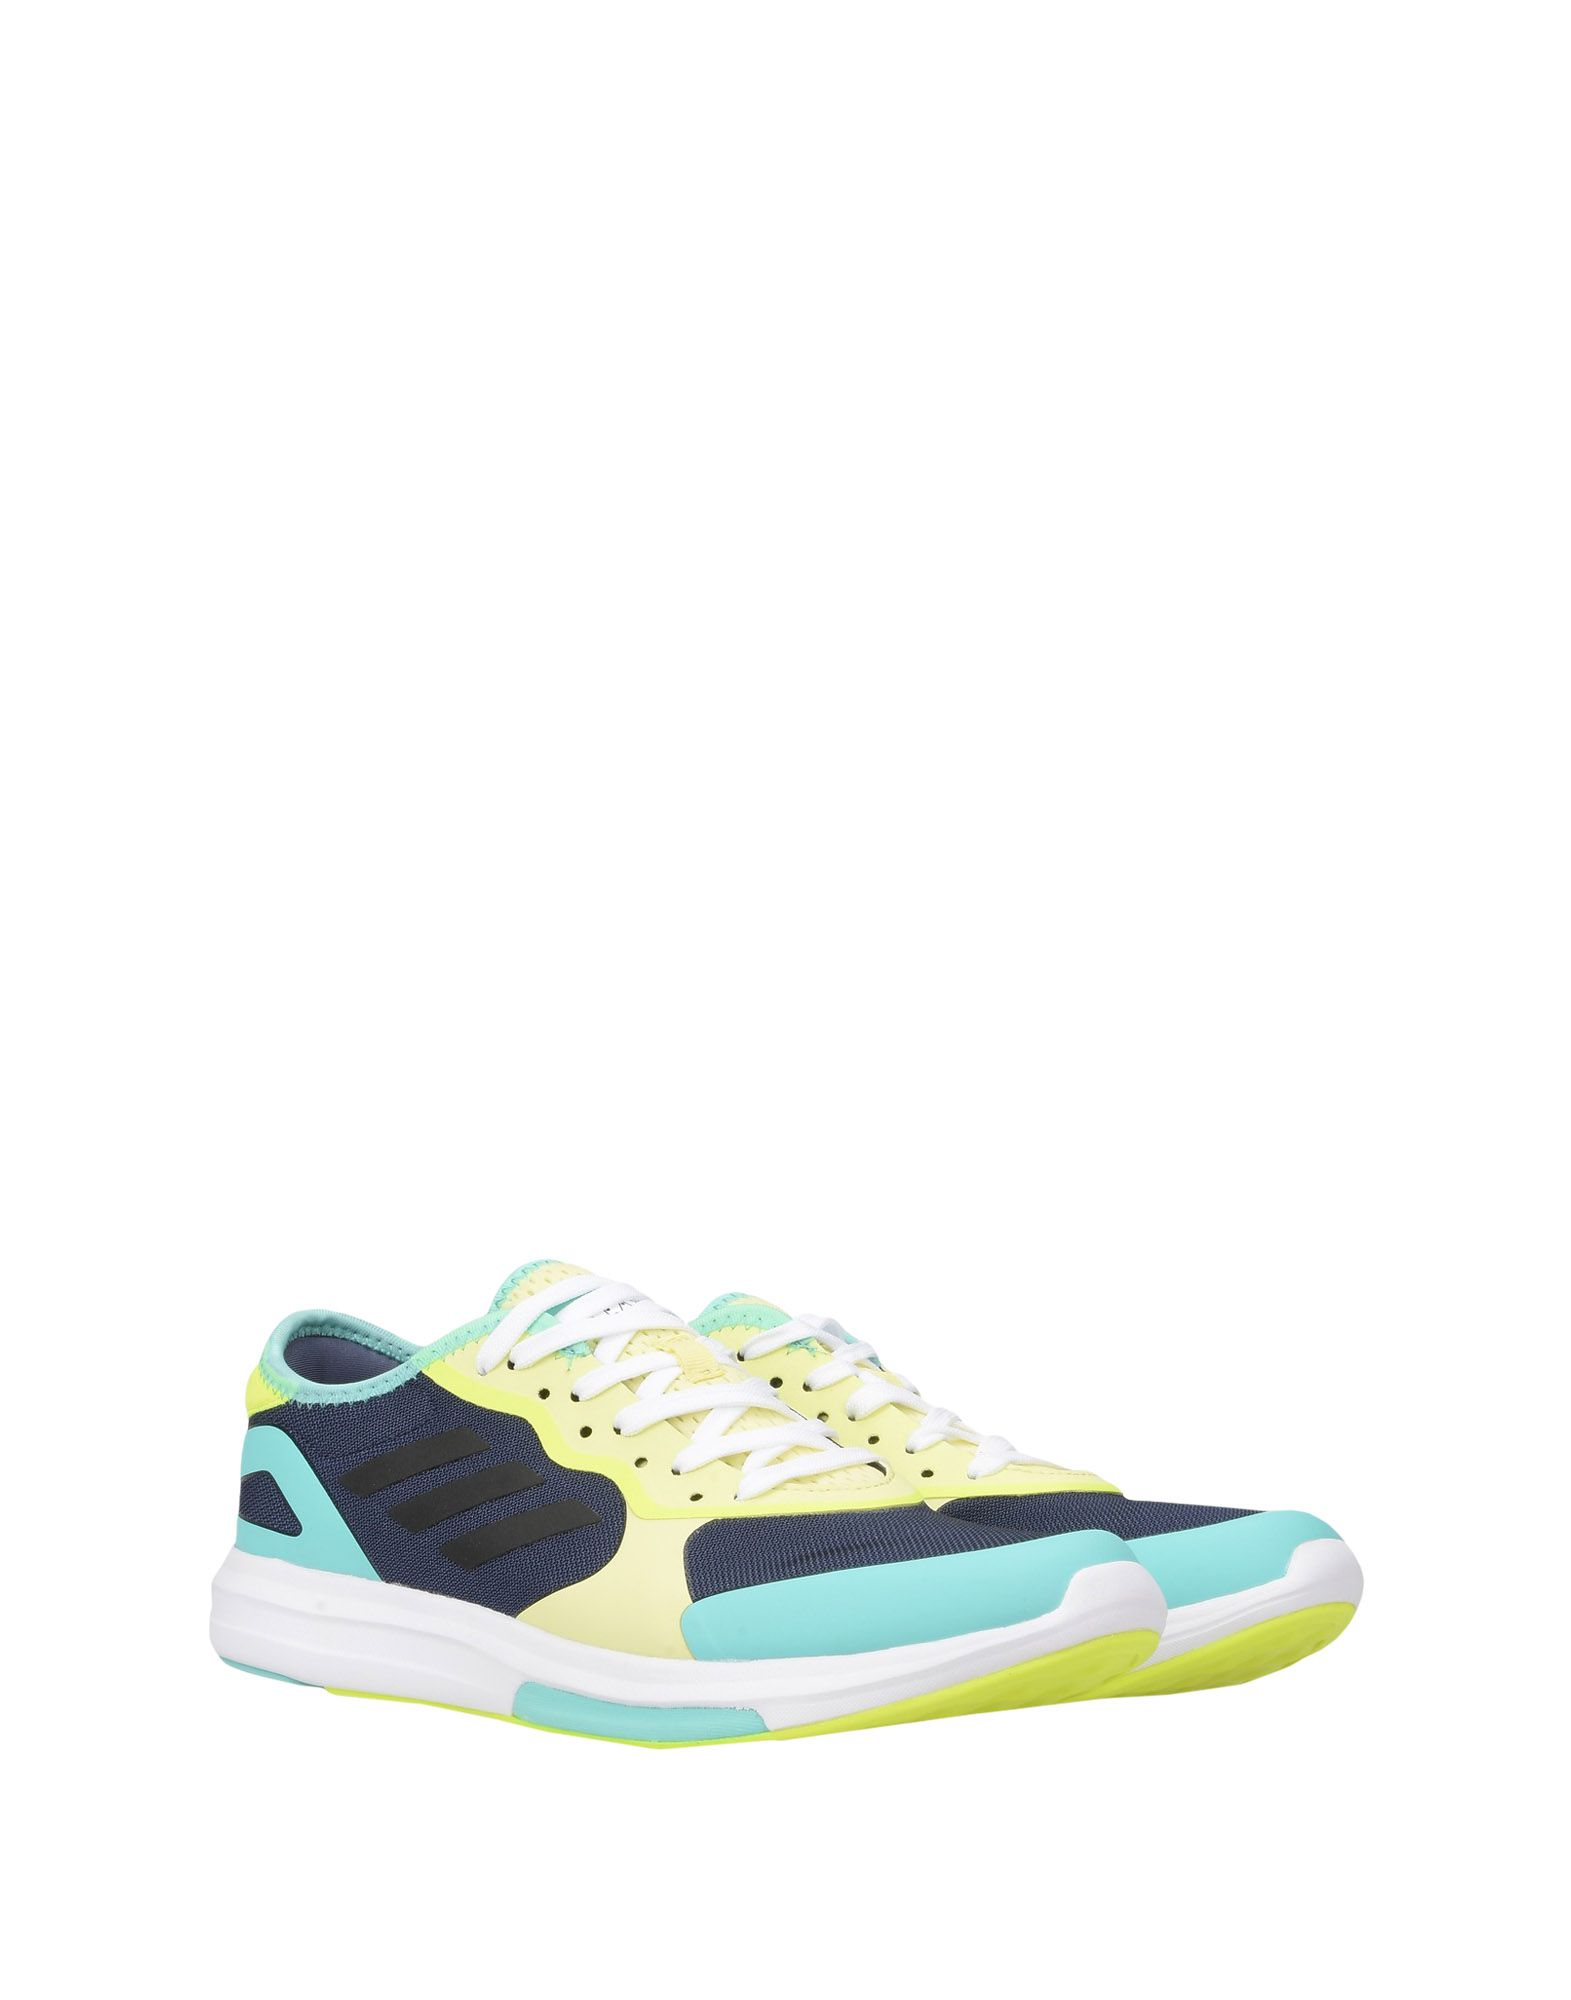 Adidas Stella 11215314CG Sport Yvori Runner  11215314CG Stella Gute Qualität beliebte Schuhe 8458d8